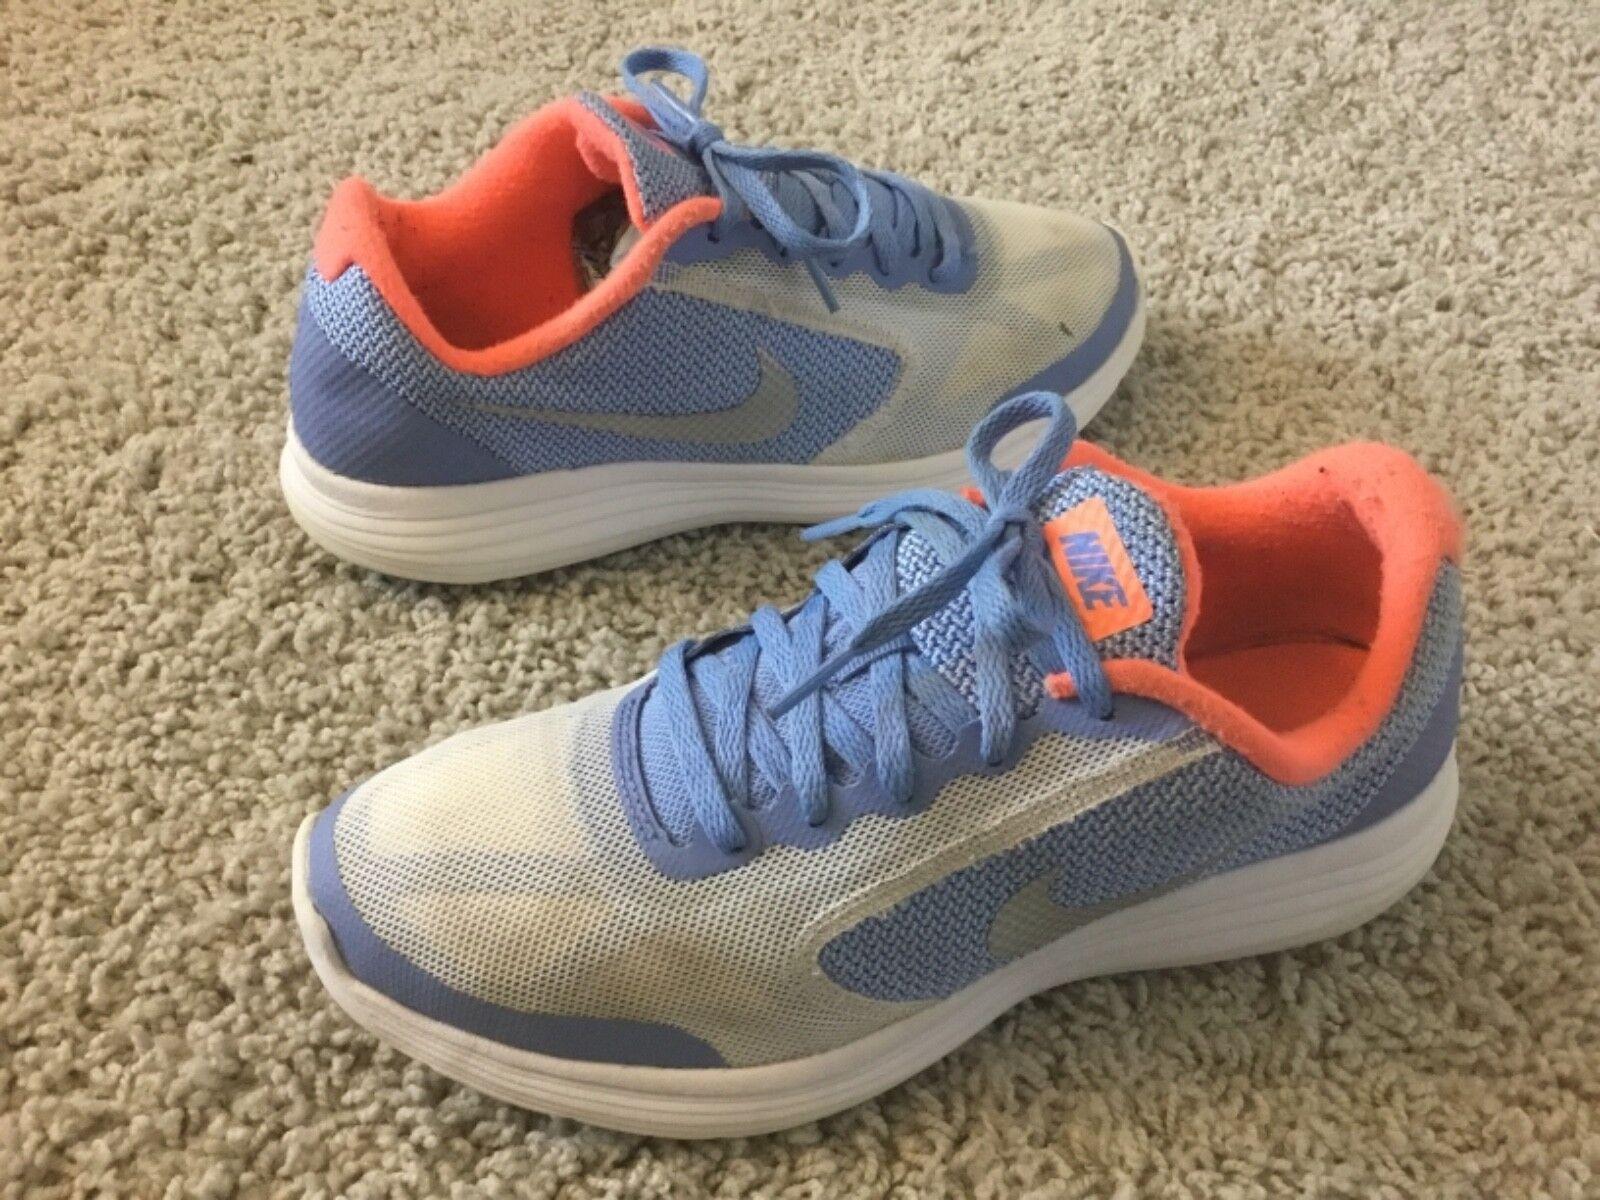 Le scarpe da ginnastica nike rivoluzione 3 dimensioni 7y (don '8b) multi - Coloreeee | Sale Online  | Scolaro/Ragazze Scarpa